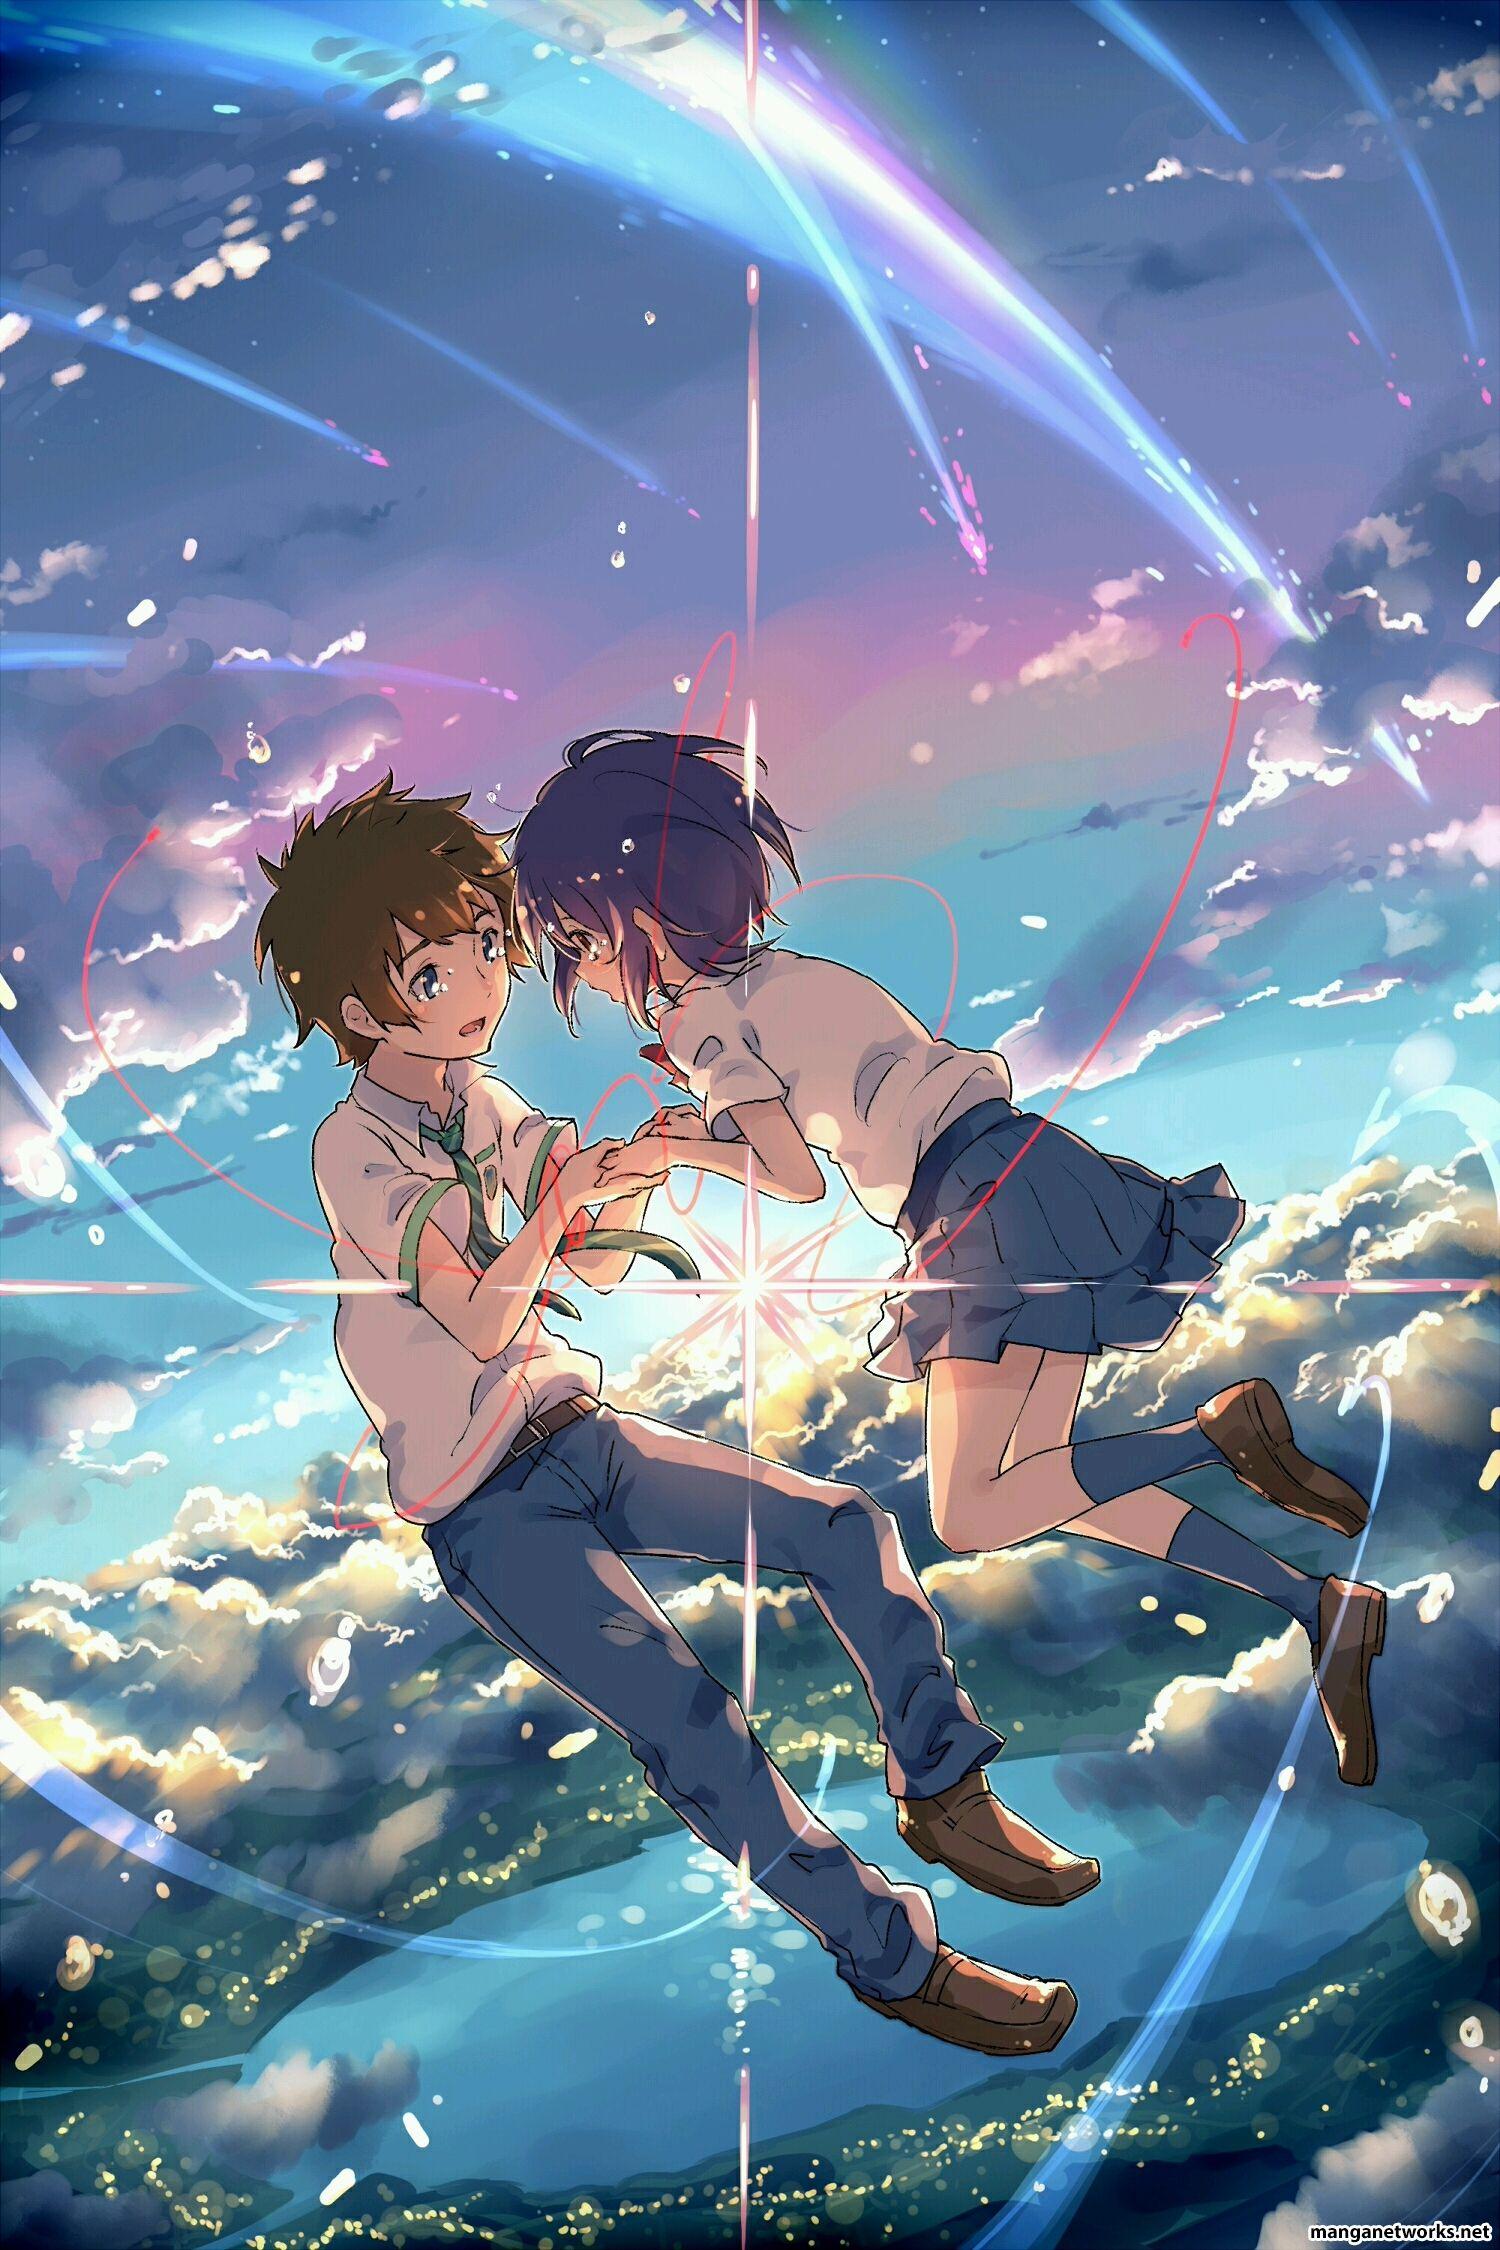 Kết quả hình ảnh cho your name Cosplay anime, Anime